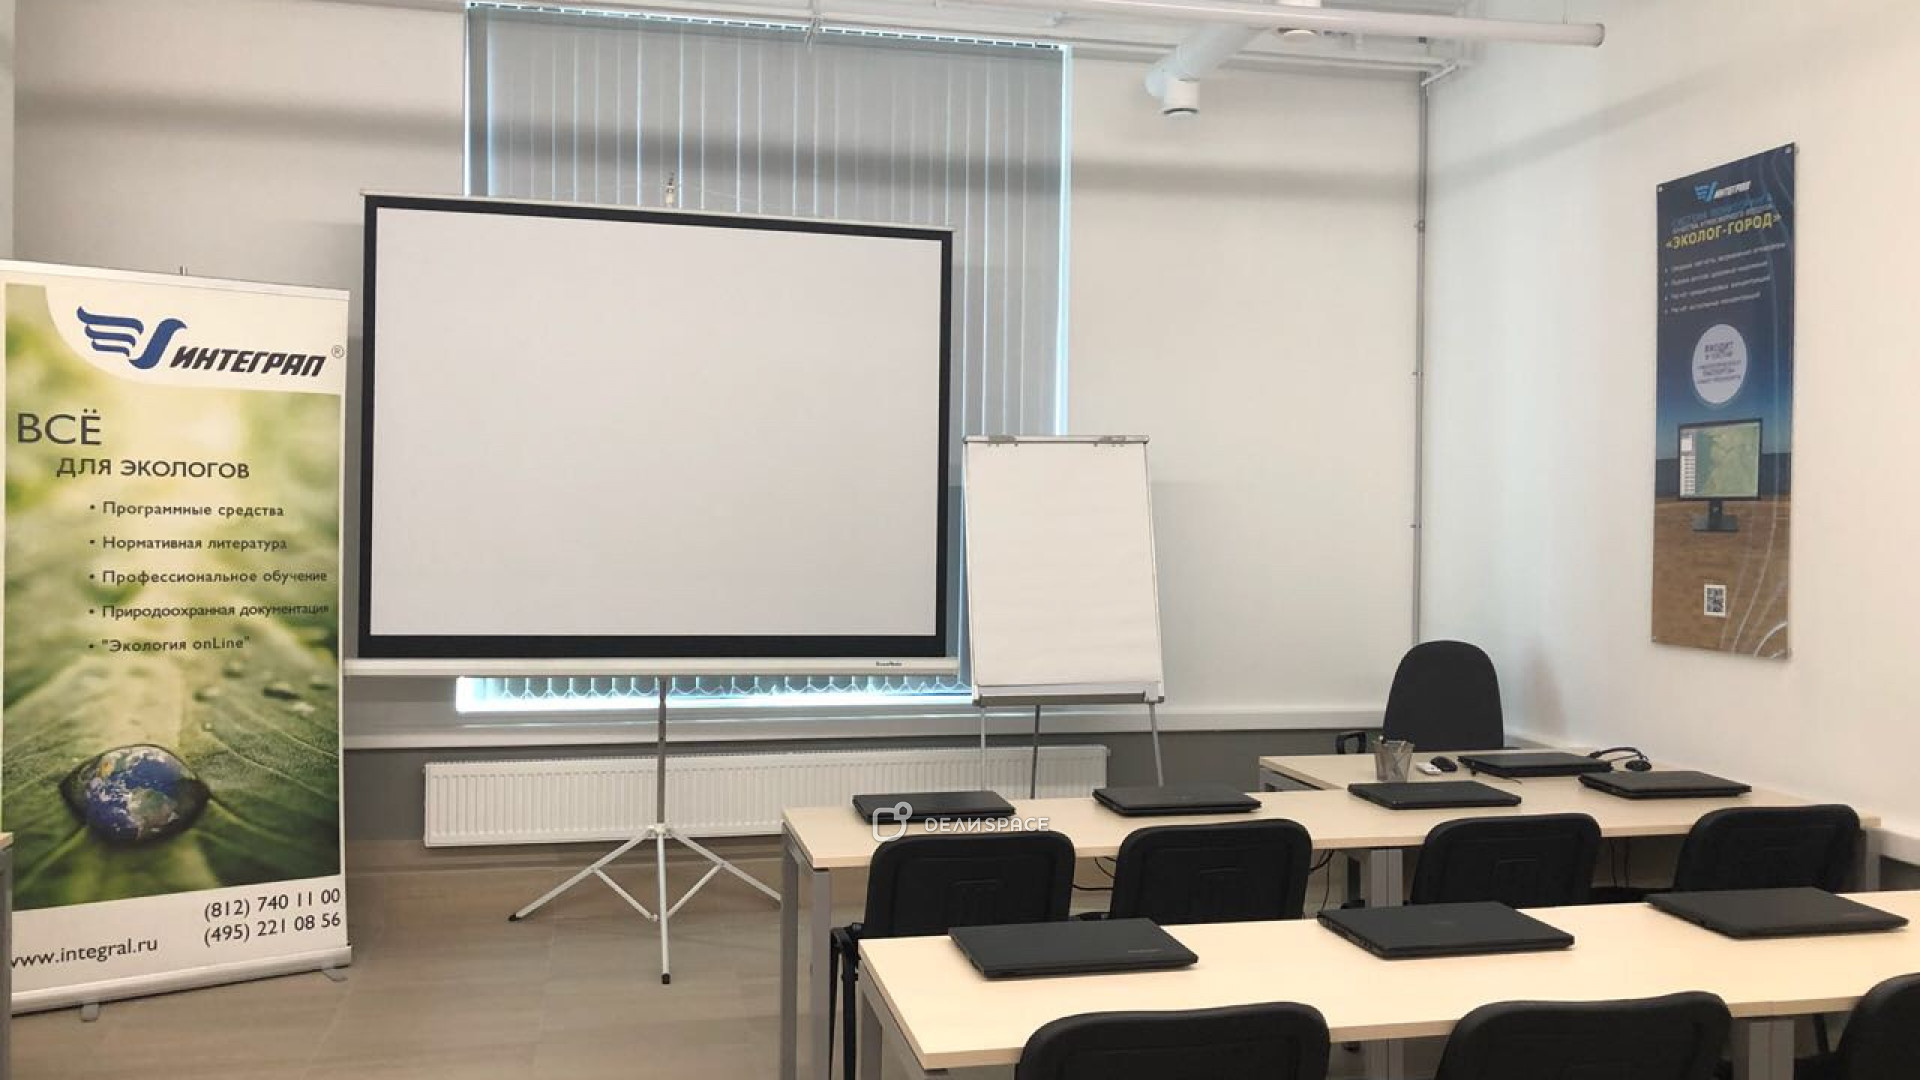 Конференц-зал/ Компьютерный класс - фото №5